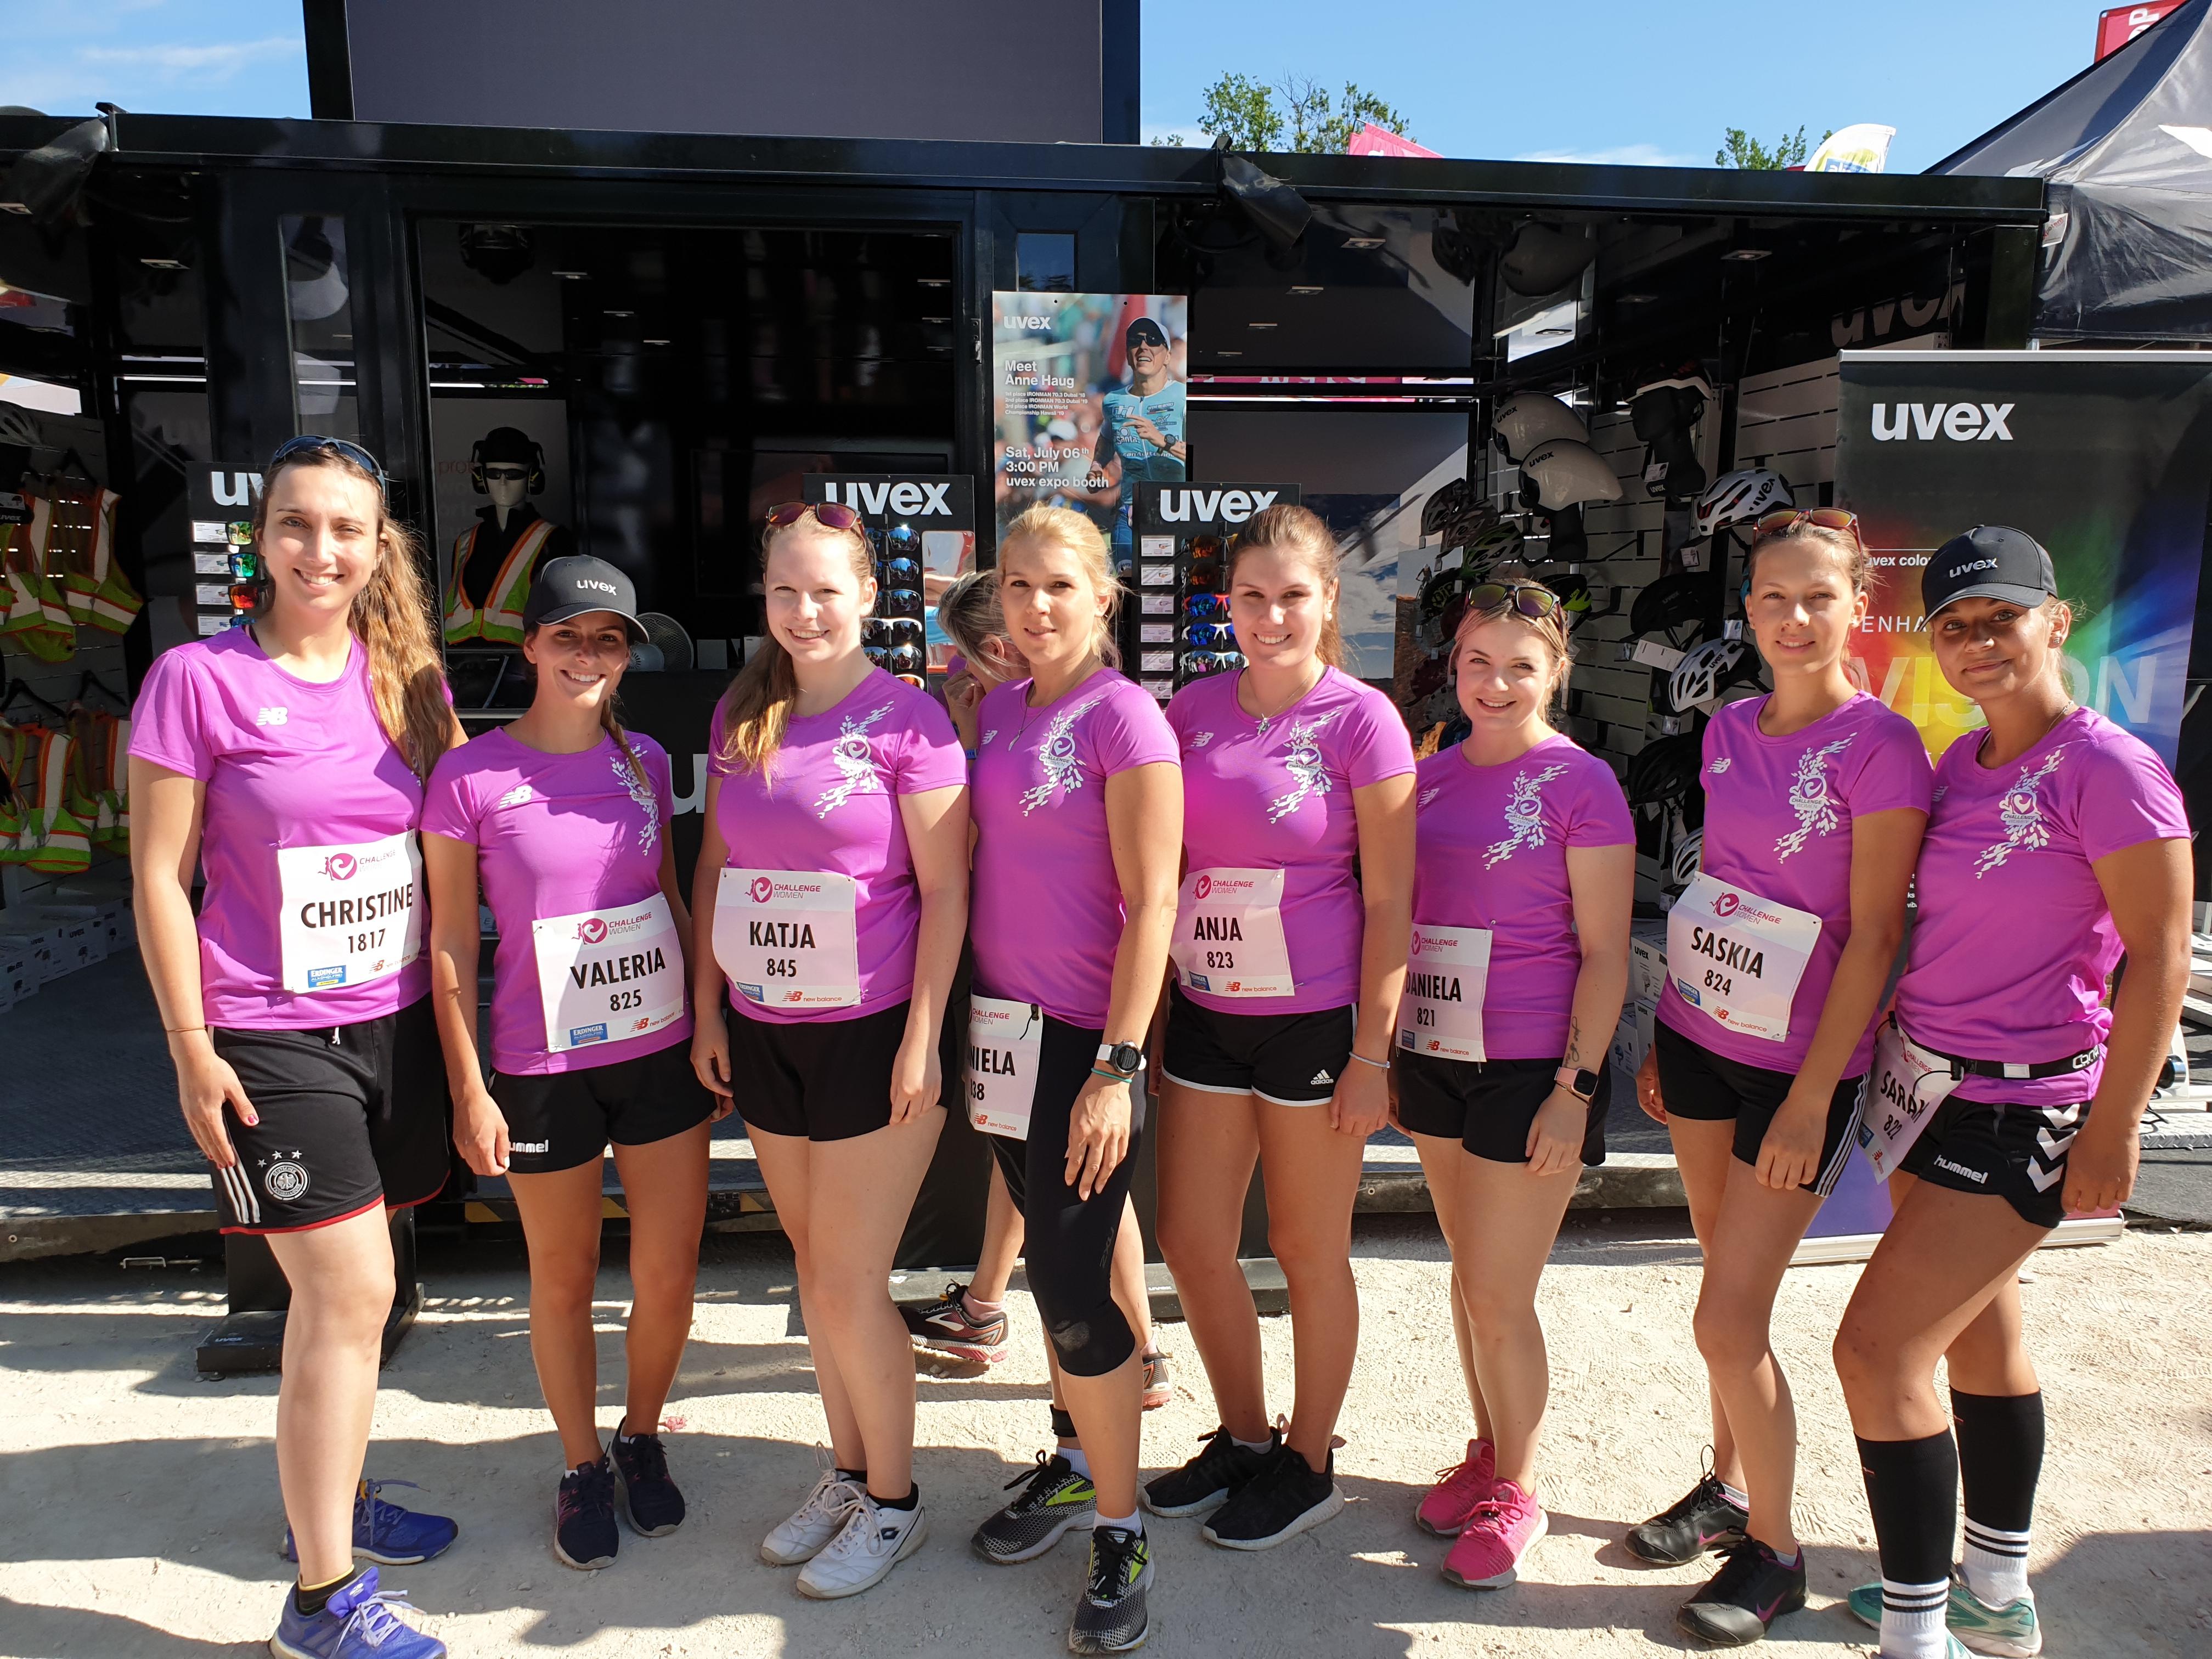 allle-challenge-womens-run-teilnehmerinnender-uvex-group-in-pinken-thshirts-bei-womens-run-vor-uvex-cube